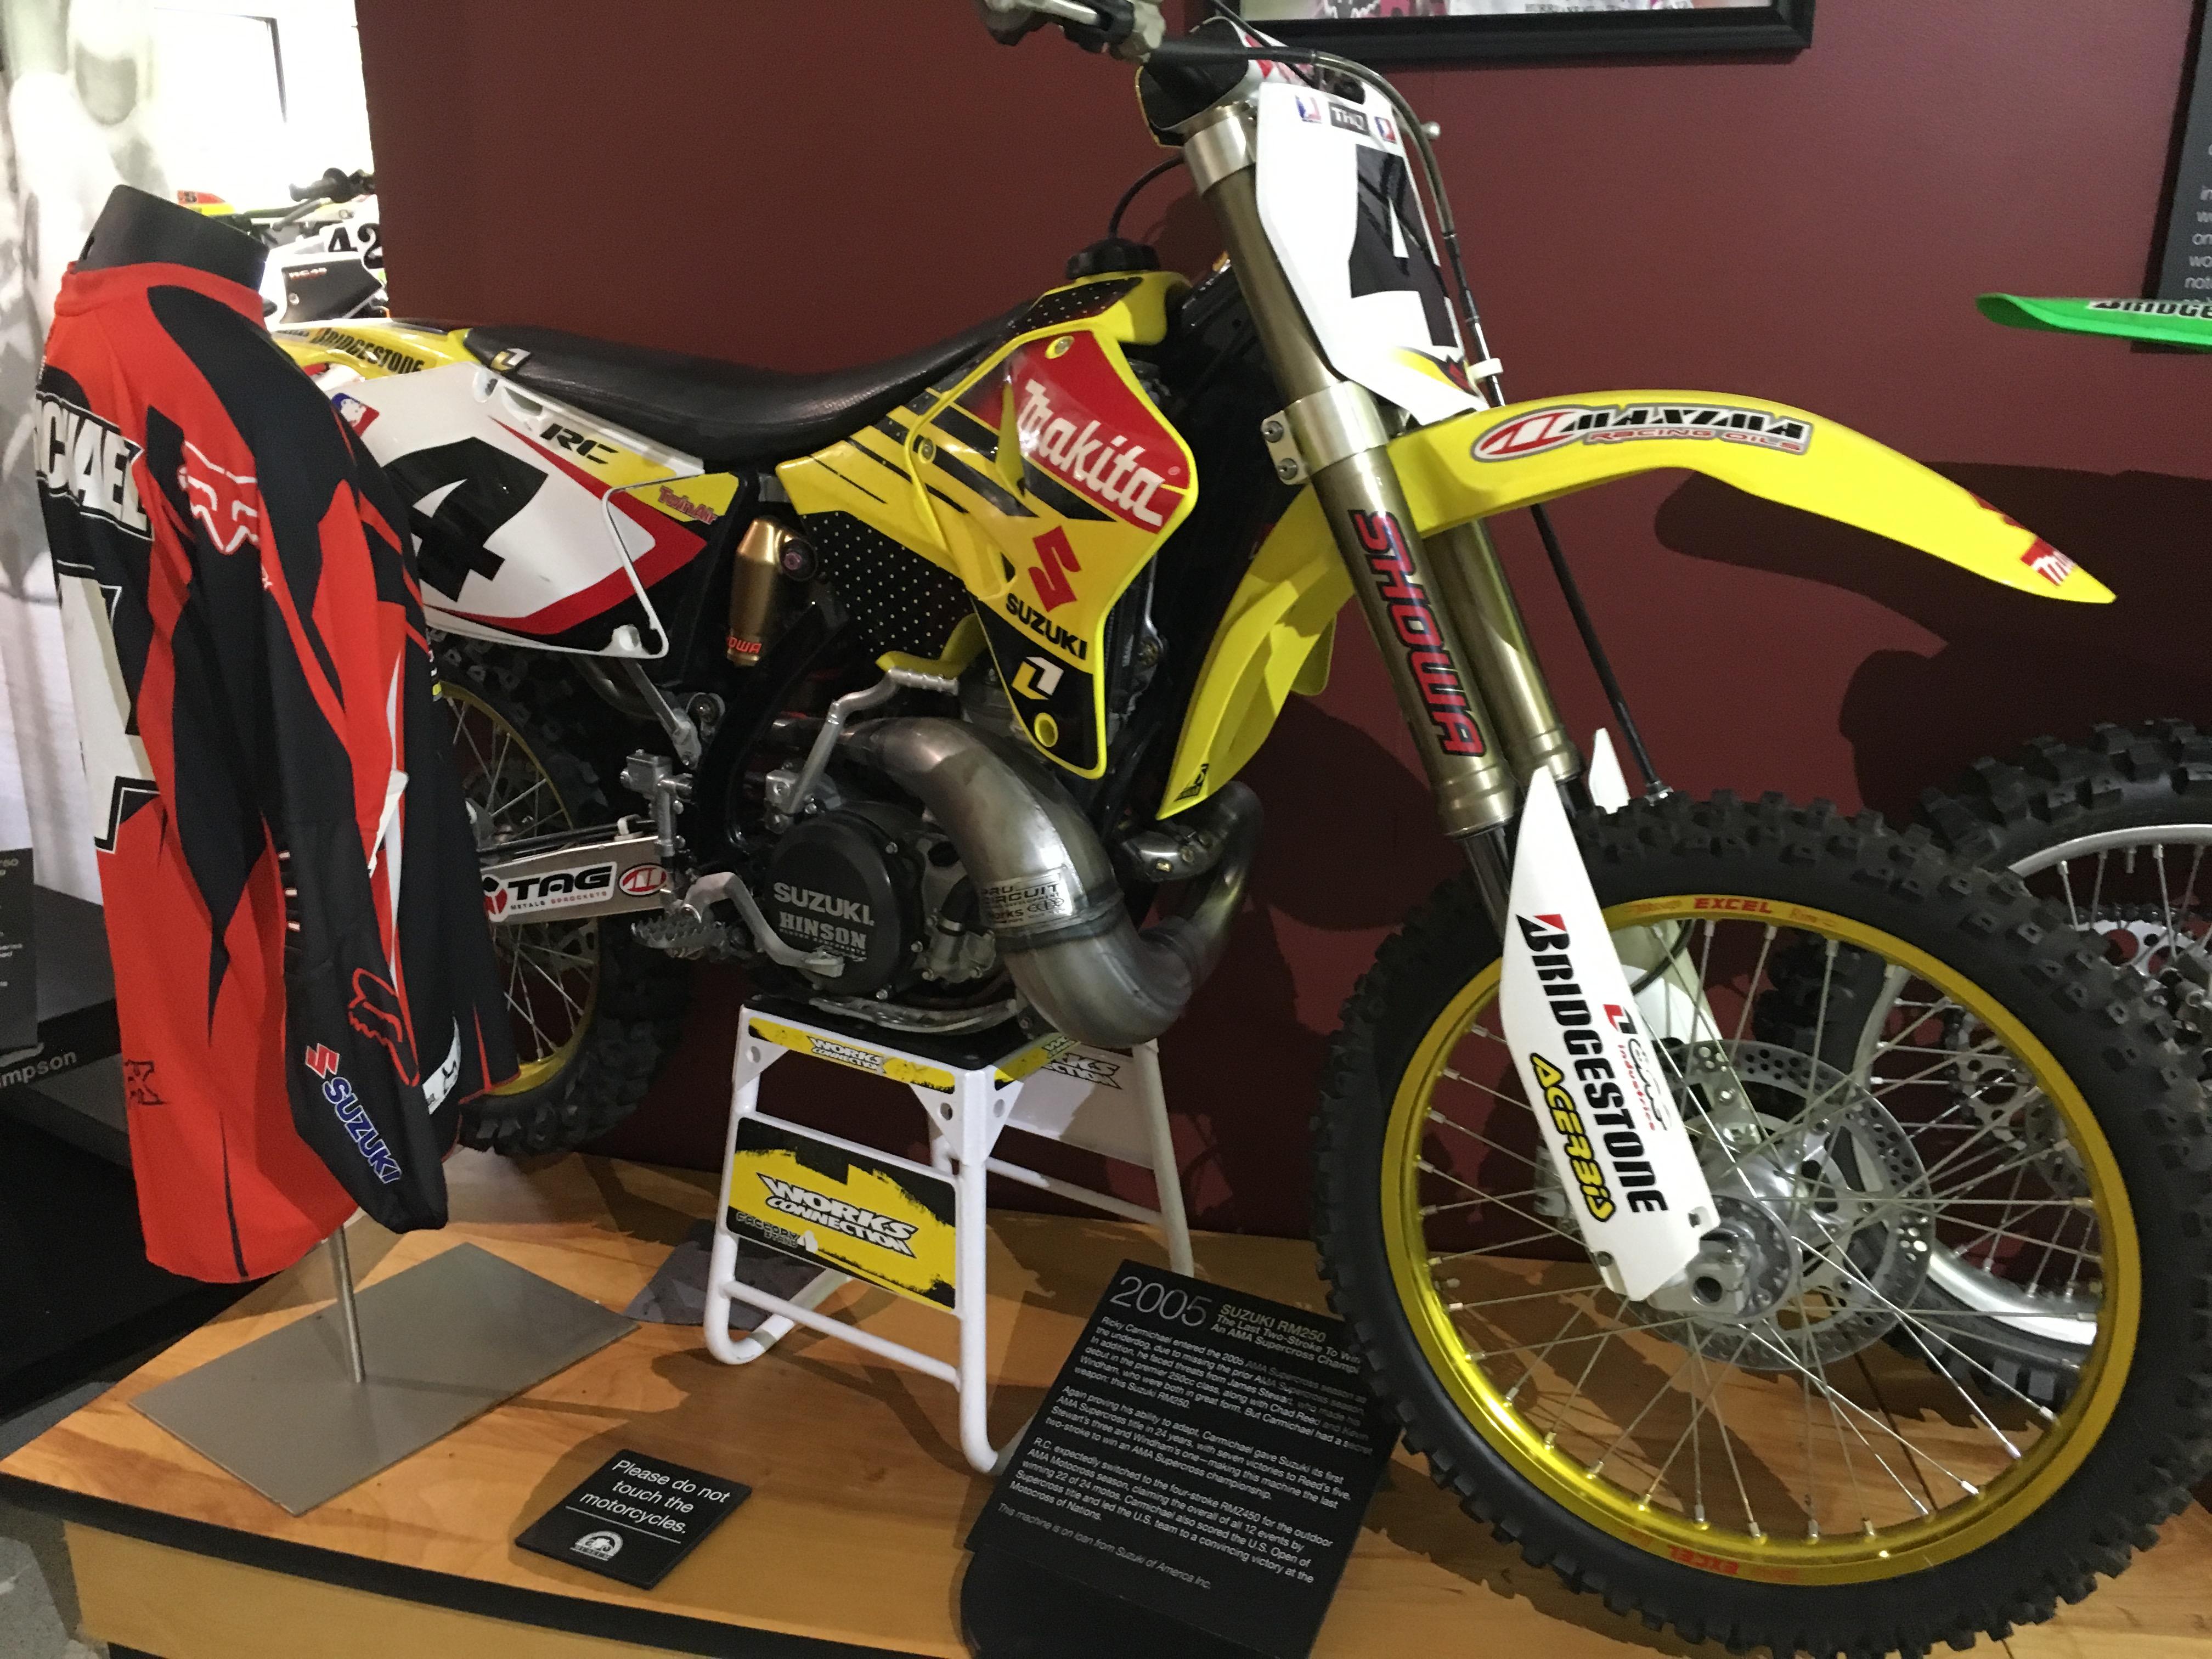 Ricky Carmichael's RM 250